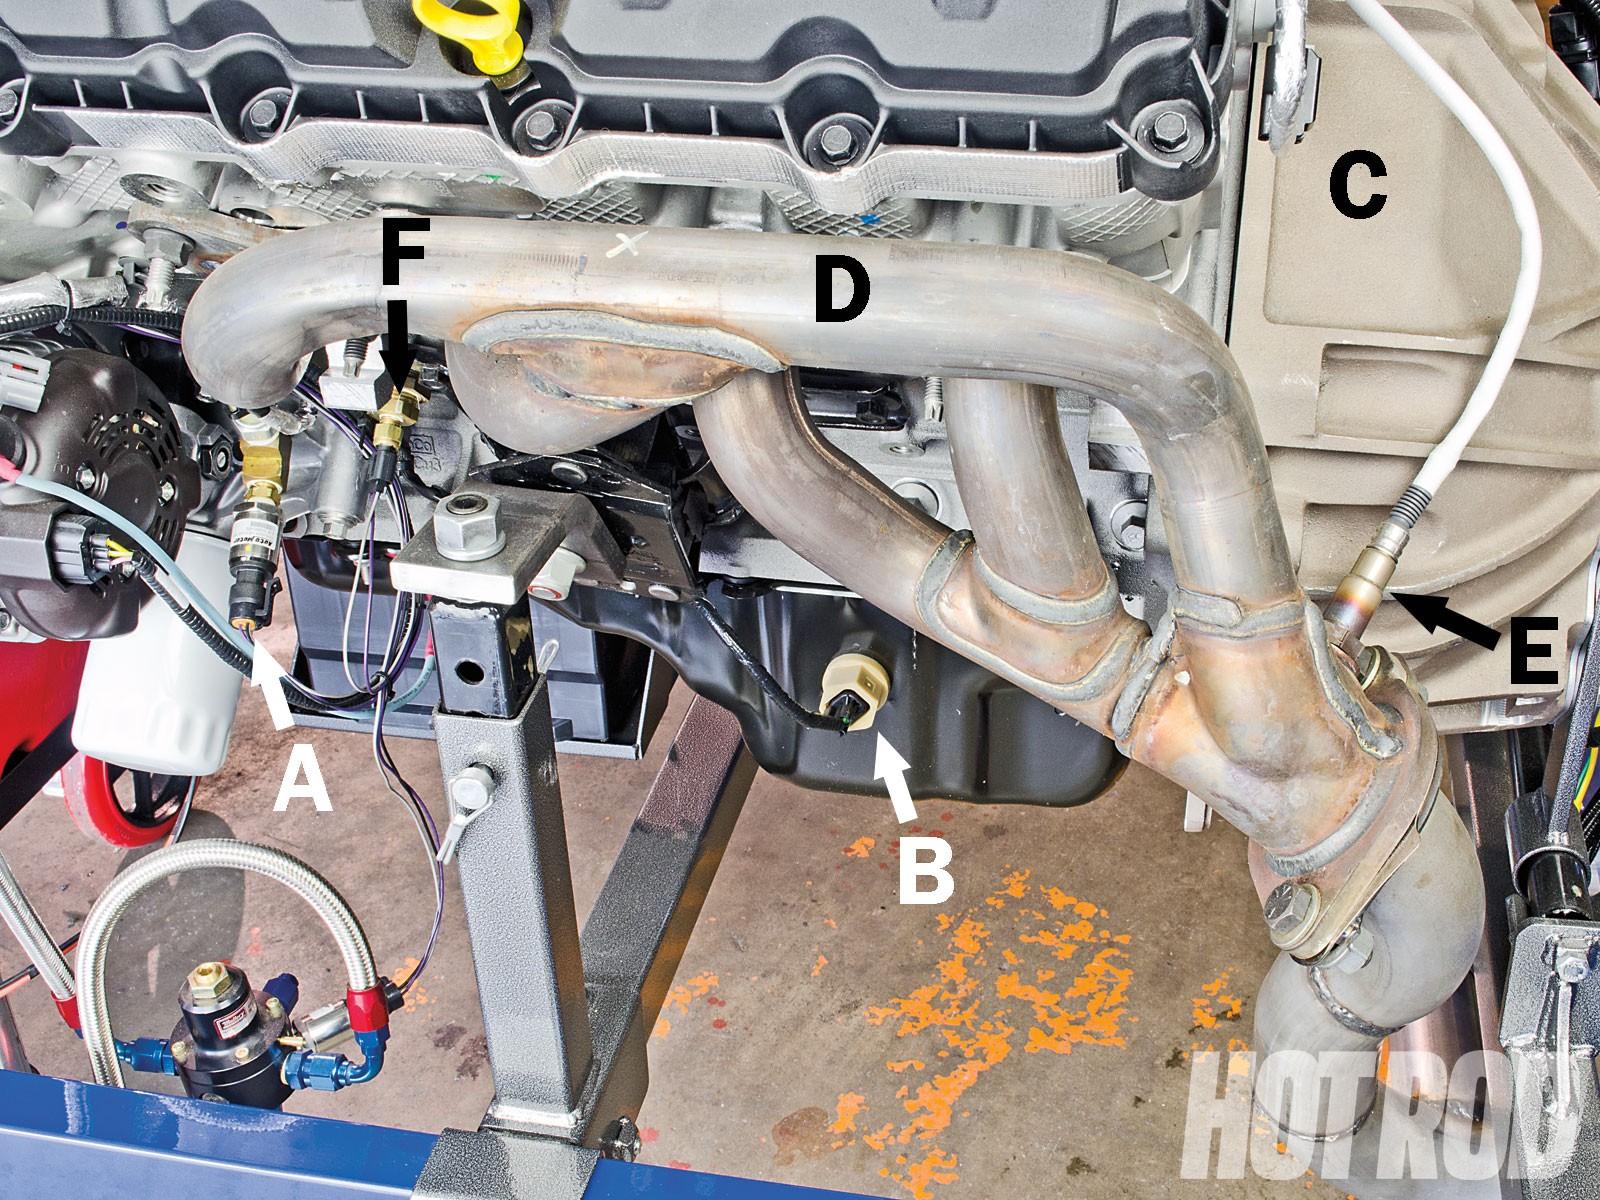 Ford 4 6 Engine Diagram 2 Wrg 4948] ford 4 6 Dohc Engine Diagram Of Ford 4 6 Engine Diagram 2